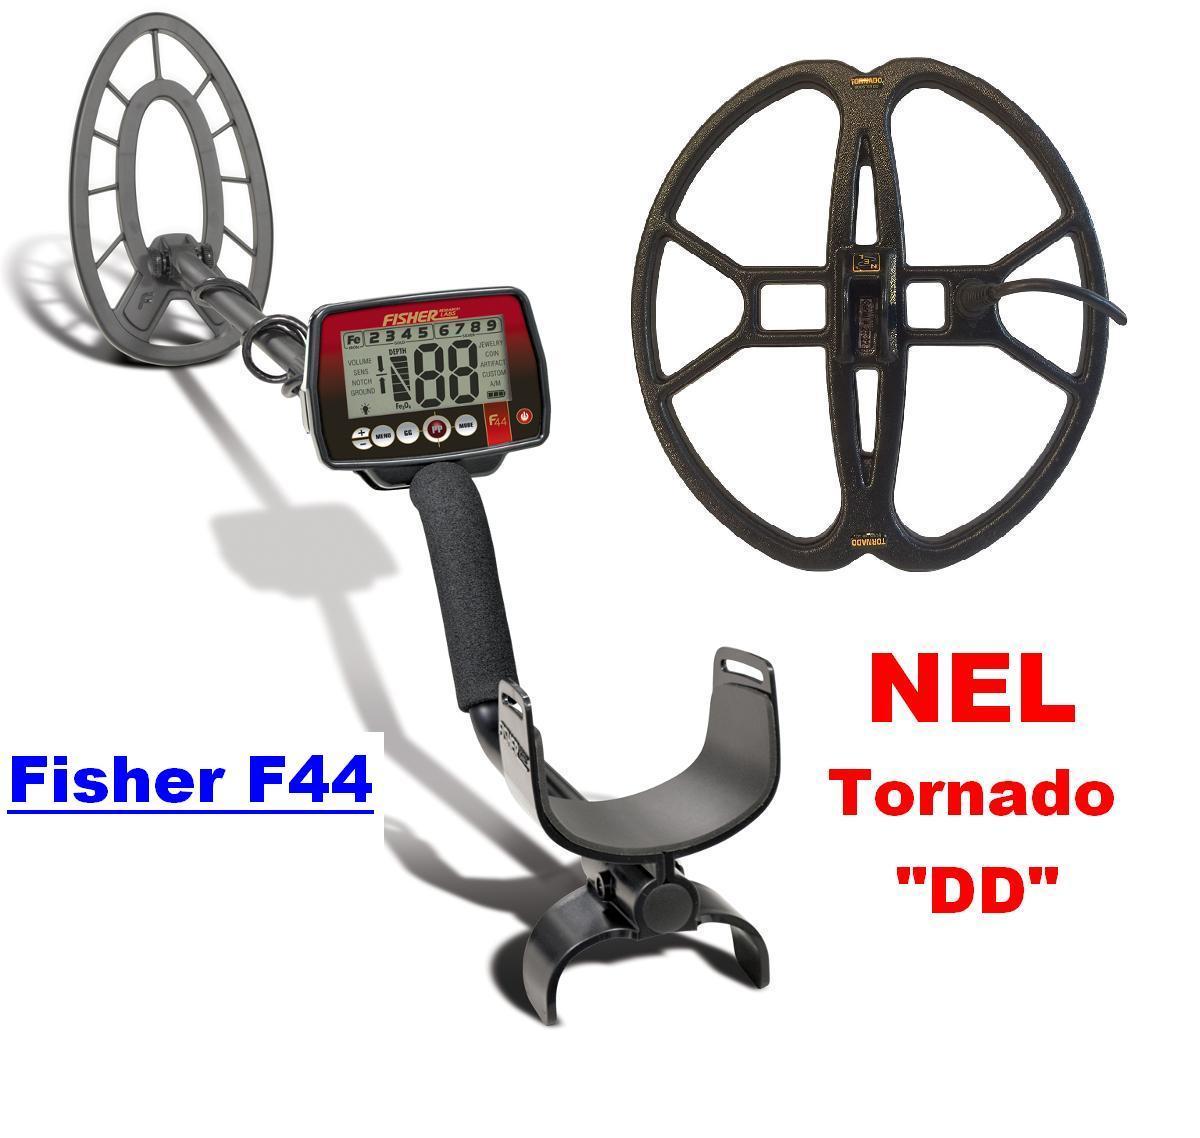 Фішер Ф44 з глибинною котушкою НЕЛ Торнадо + чохол